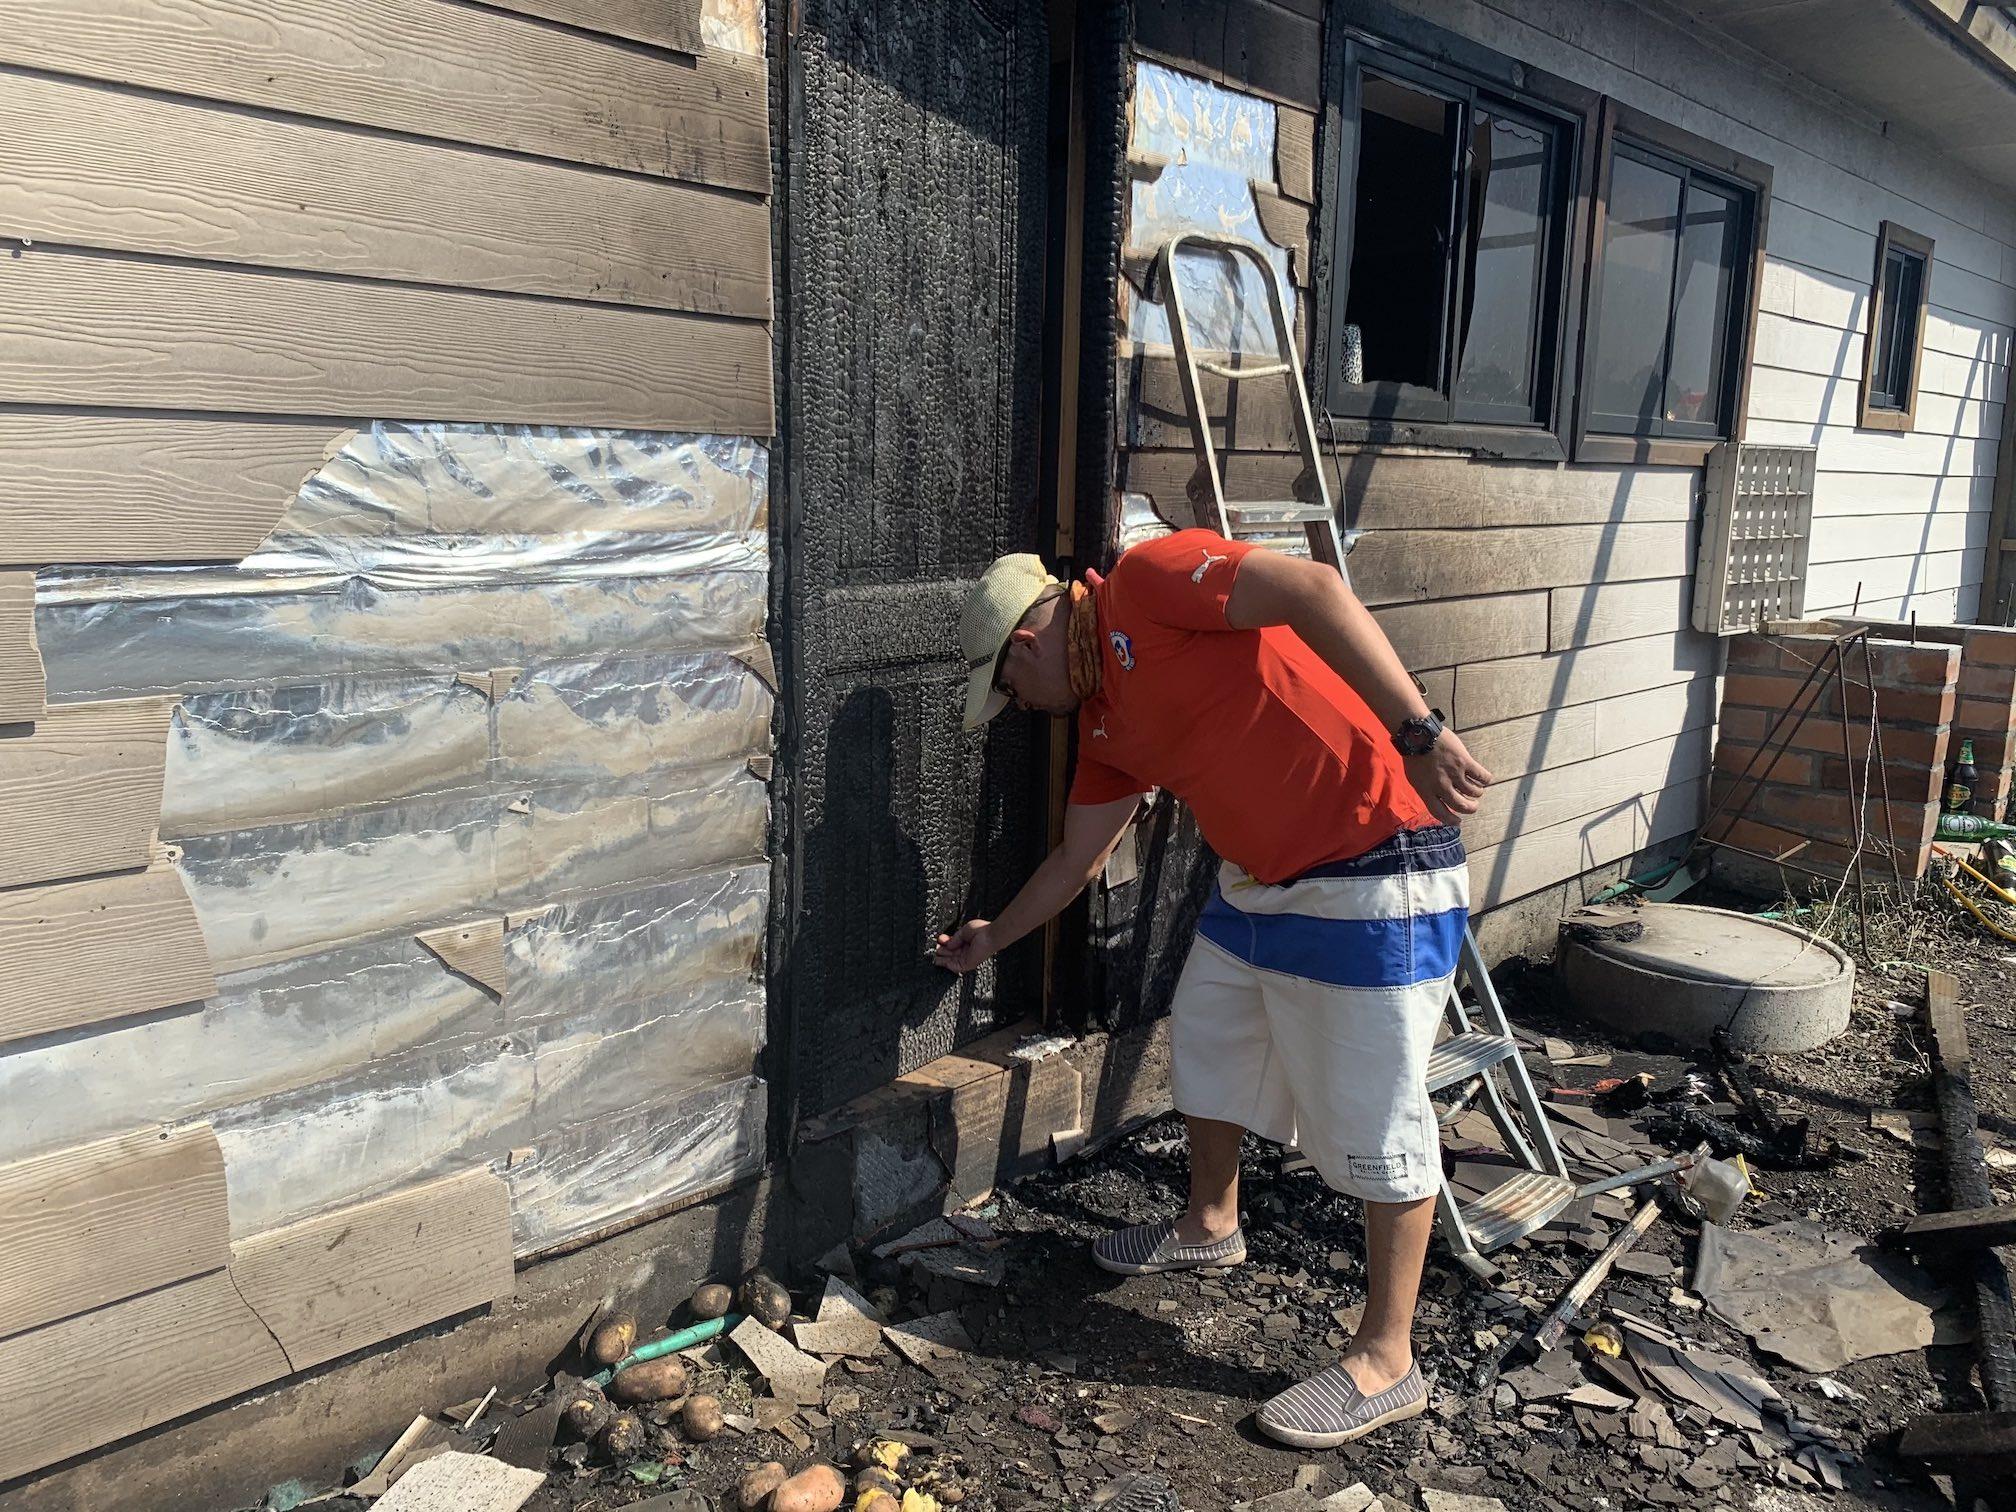 Familia fue obligada a evacuar por una «ola de fuego de 25 metros»: Se negaron y salvaron su hogar